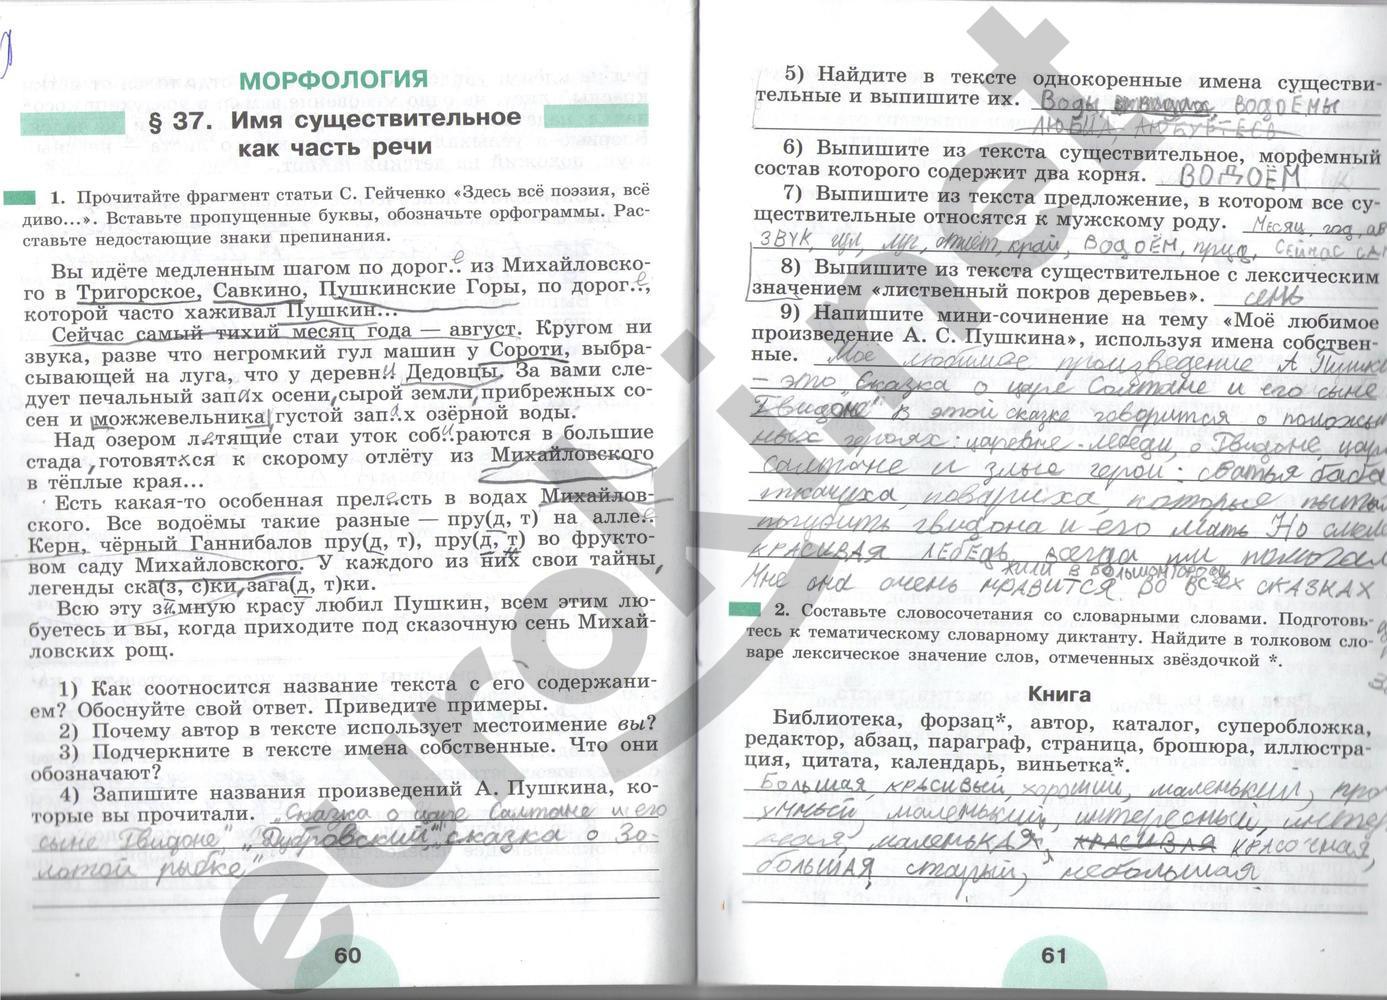 Решебник по русскому языку 5 класс рабочая тетрадь рыбченкова роговик решебник